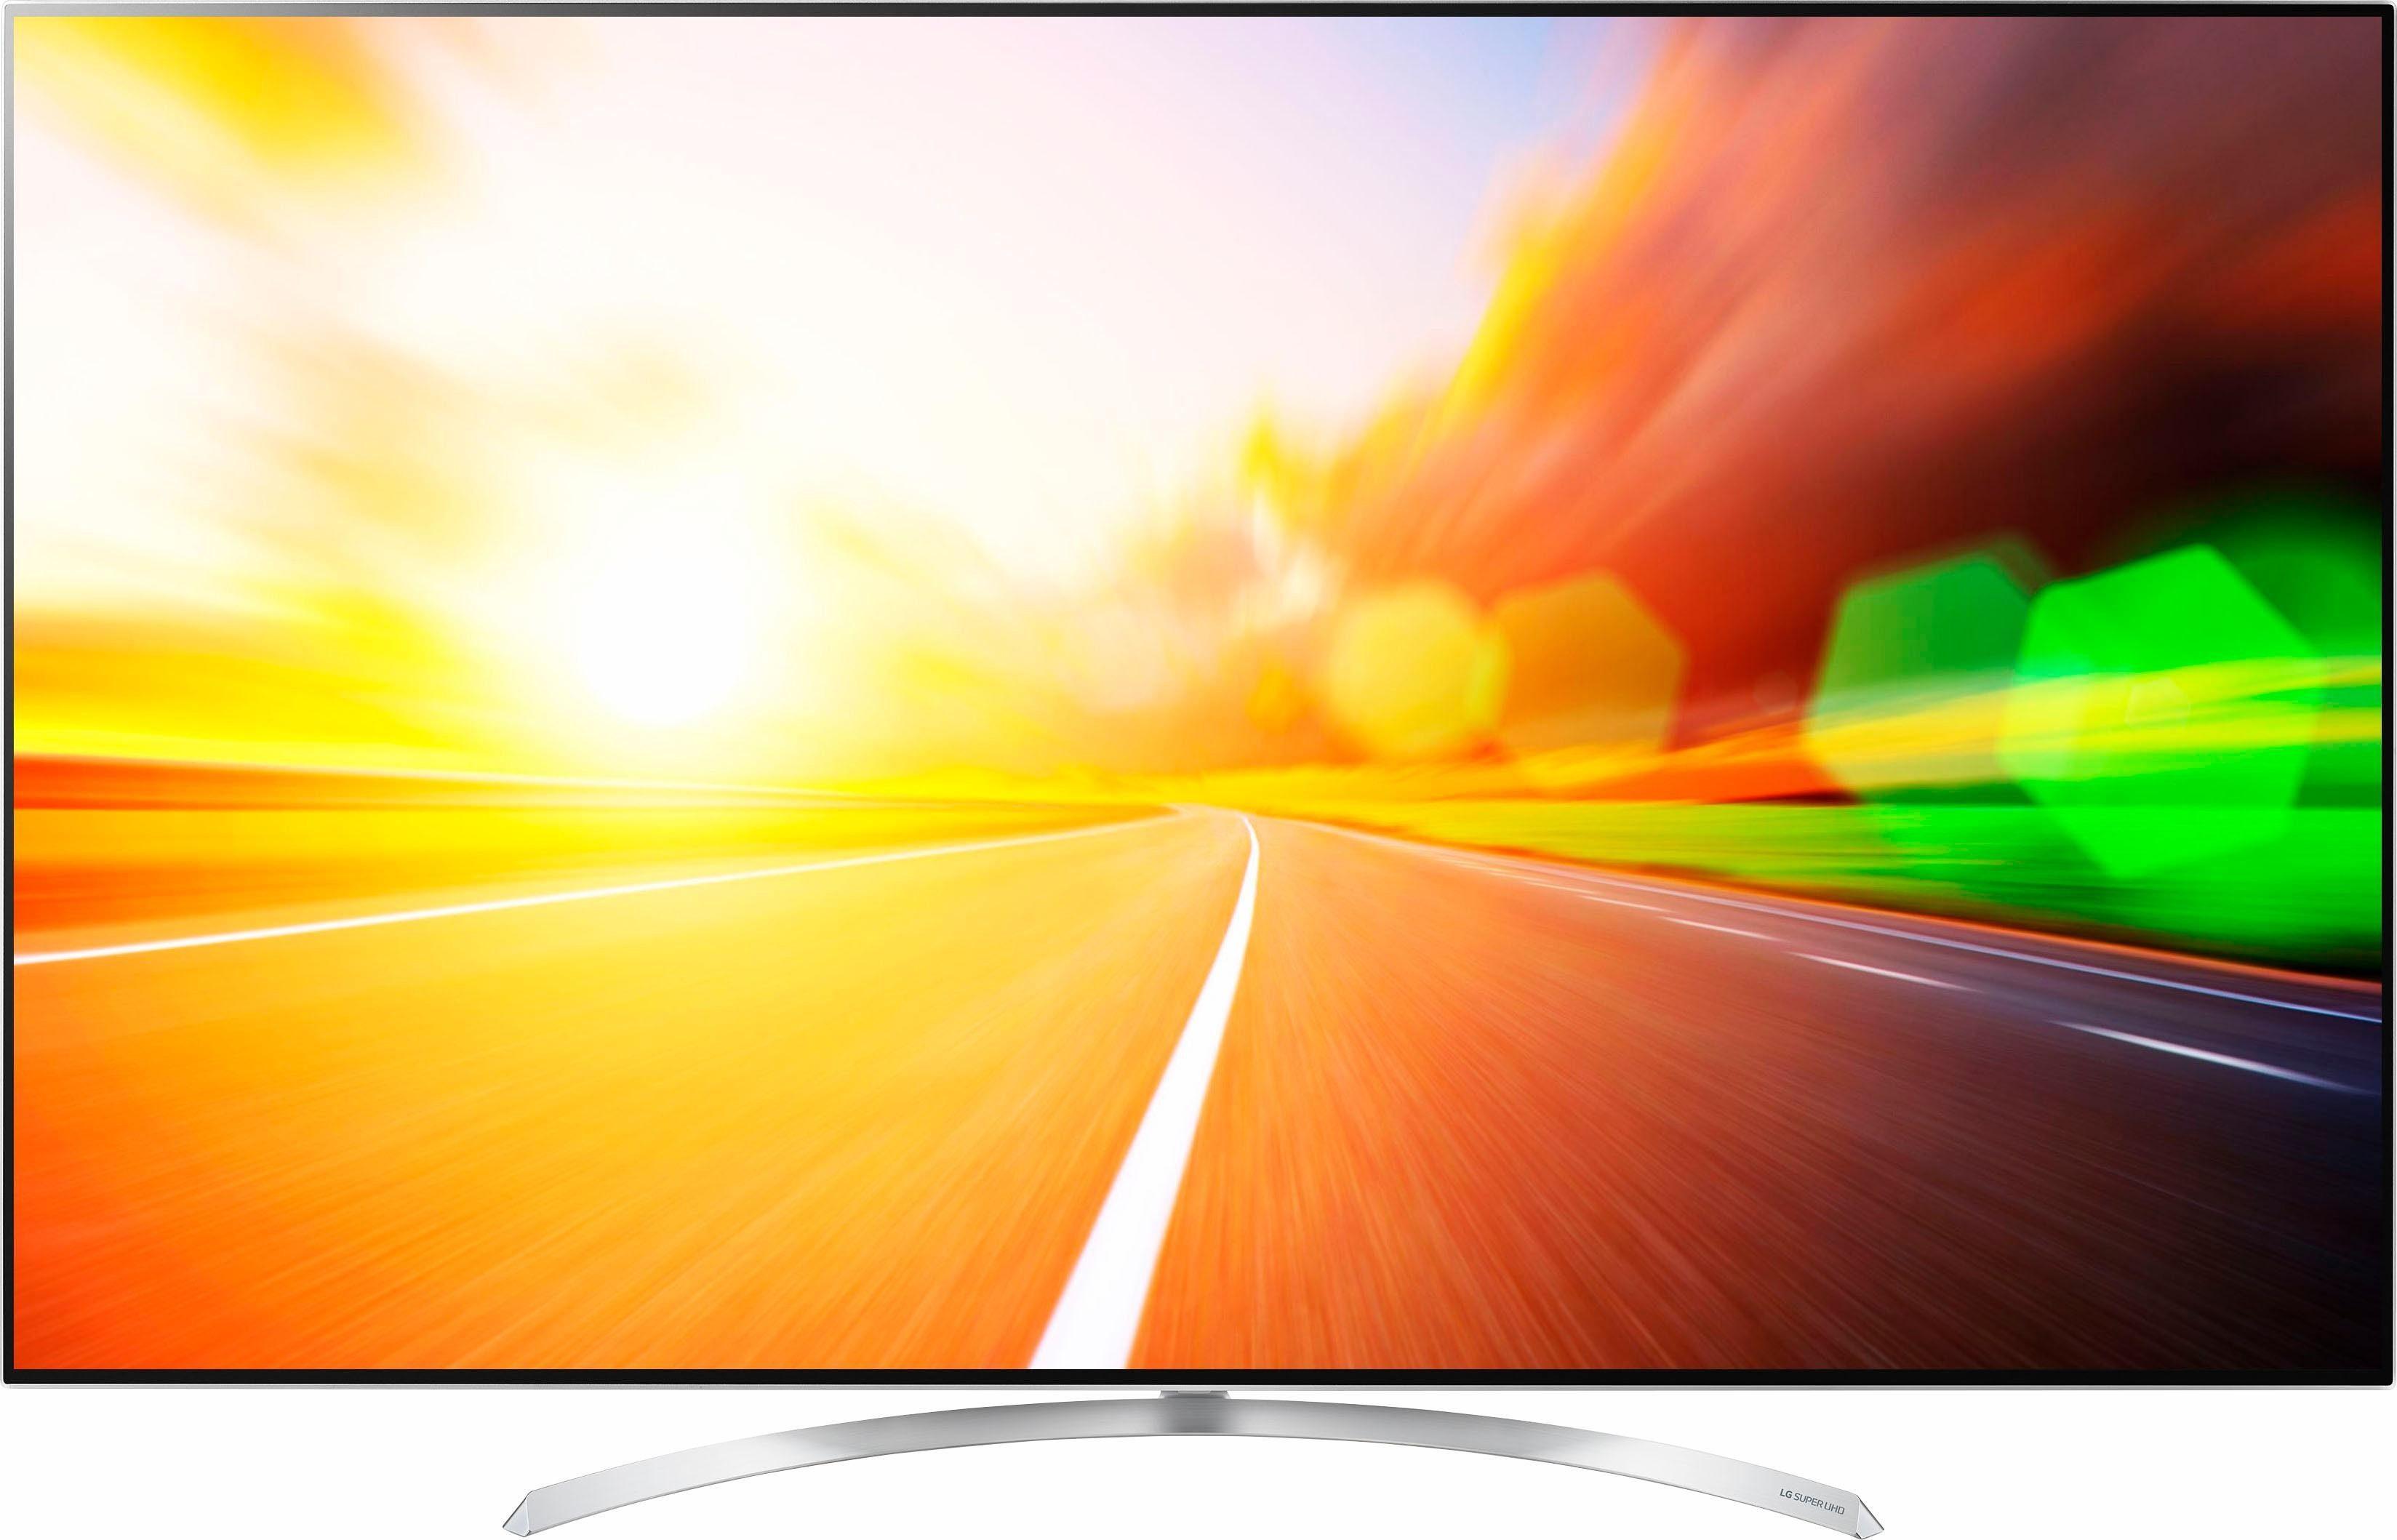 LG 65SJ9509 LED Fernseher (164 cm / 65 Zoll, UHD/4K, Smart-TV)